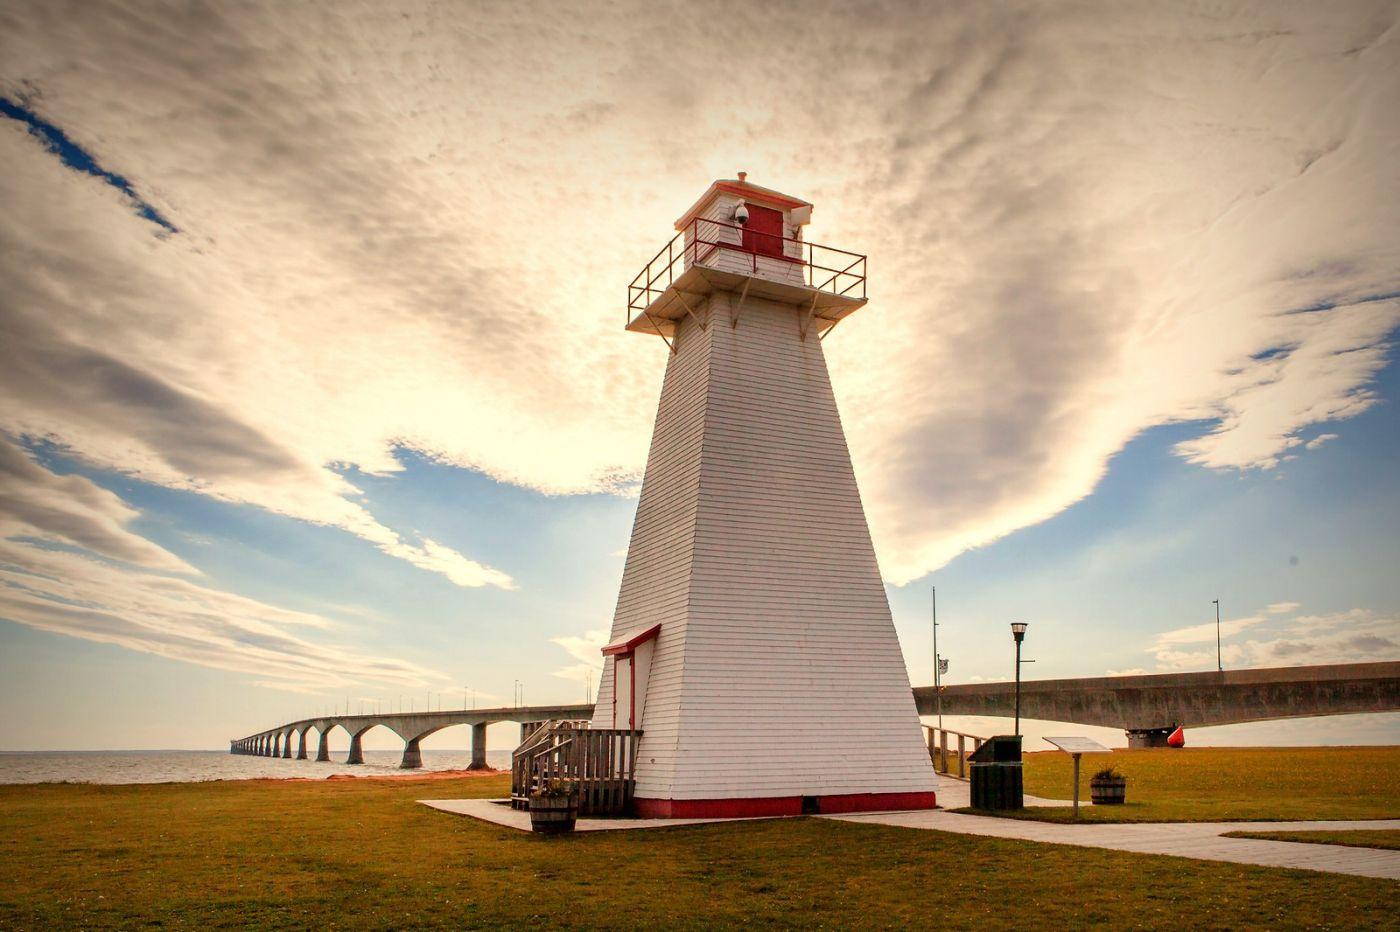 加拿大风景,长桥和灯塔_图1-12